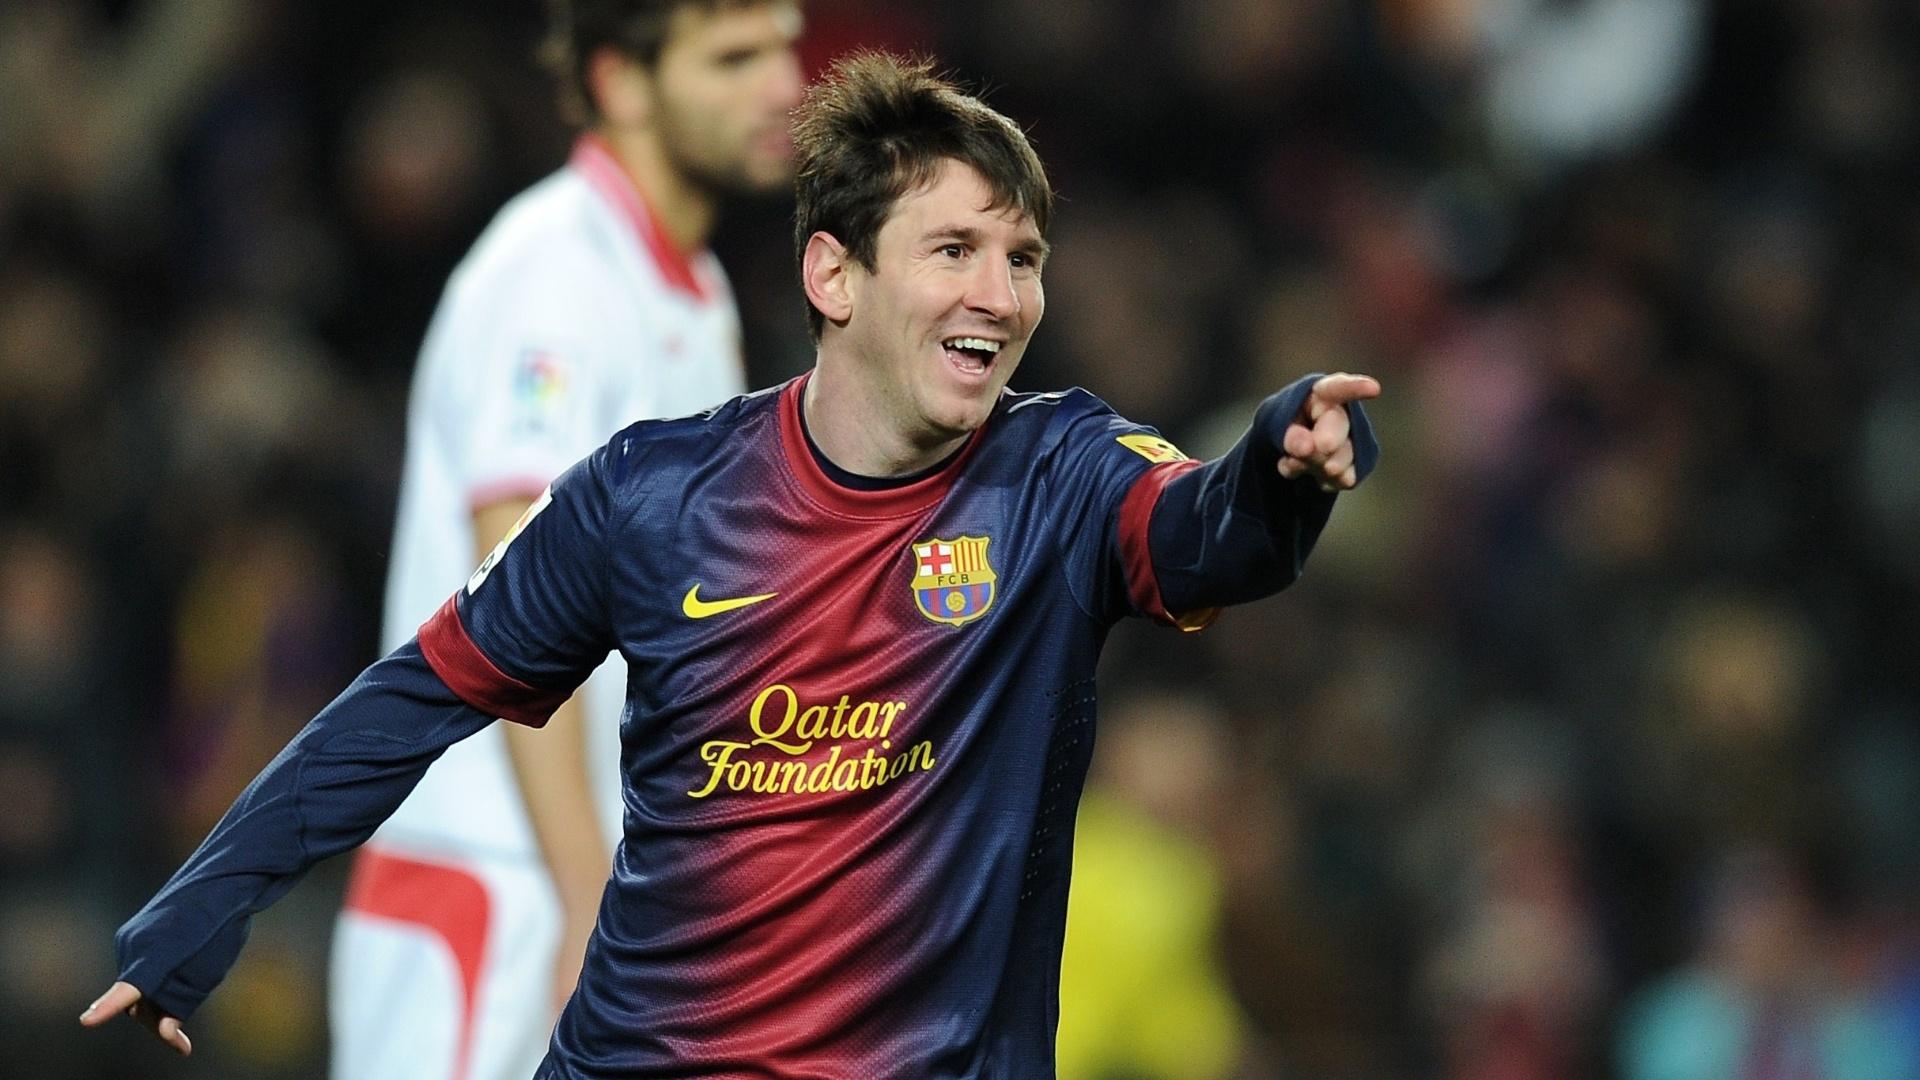 Lionel Messi For Desktop Background